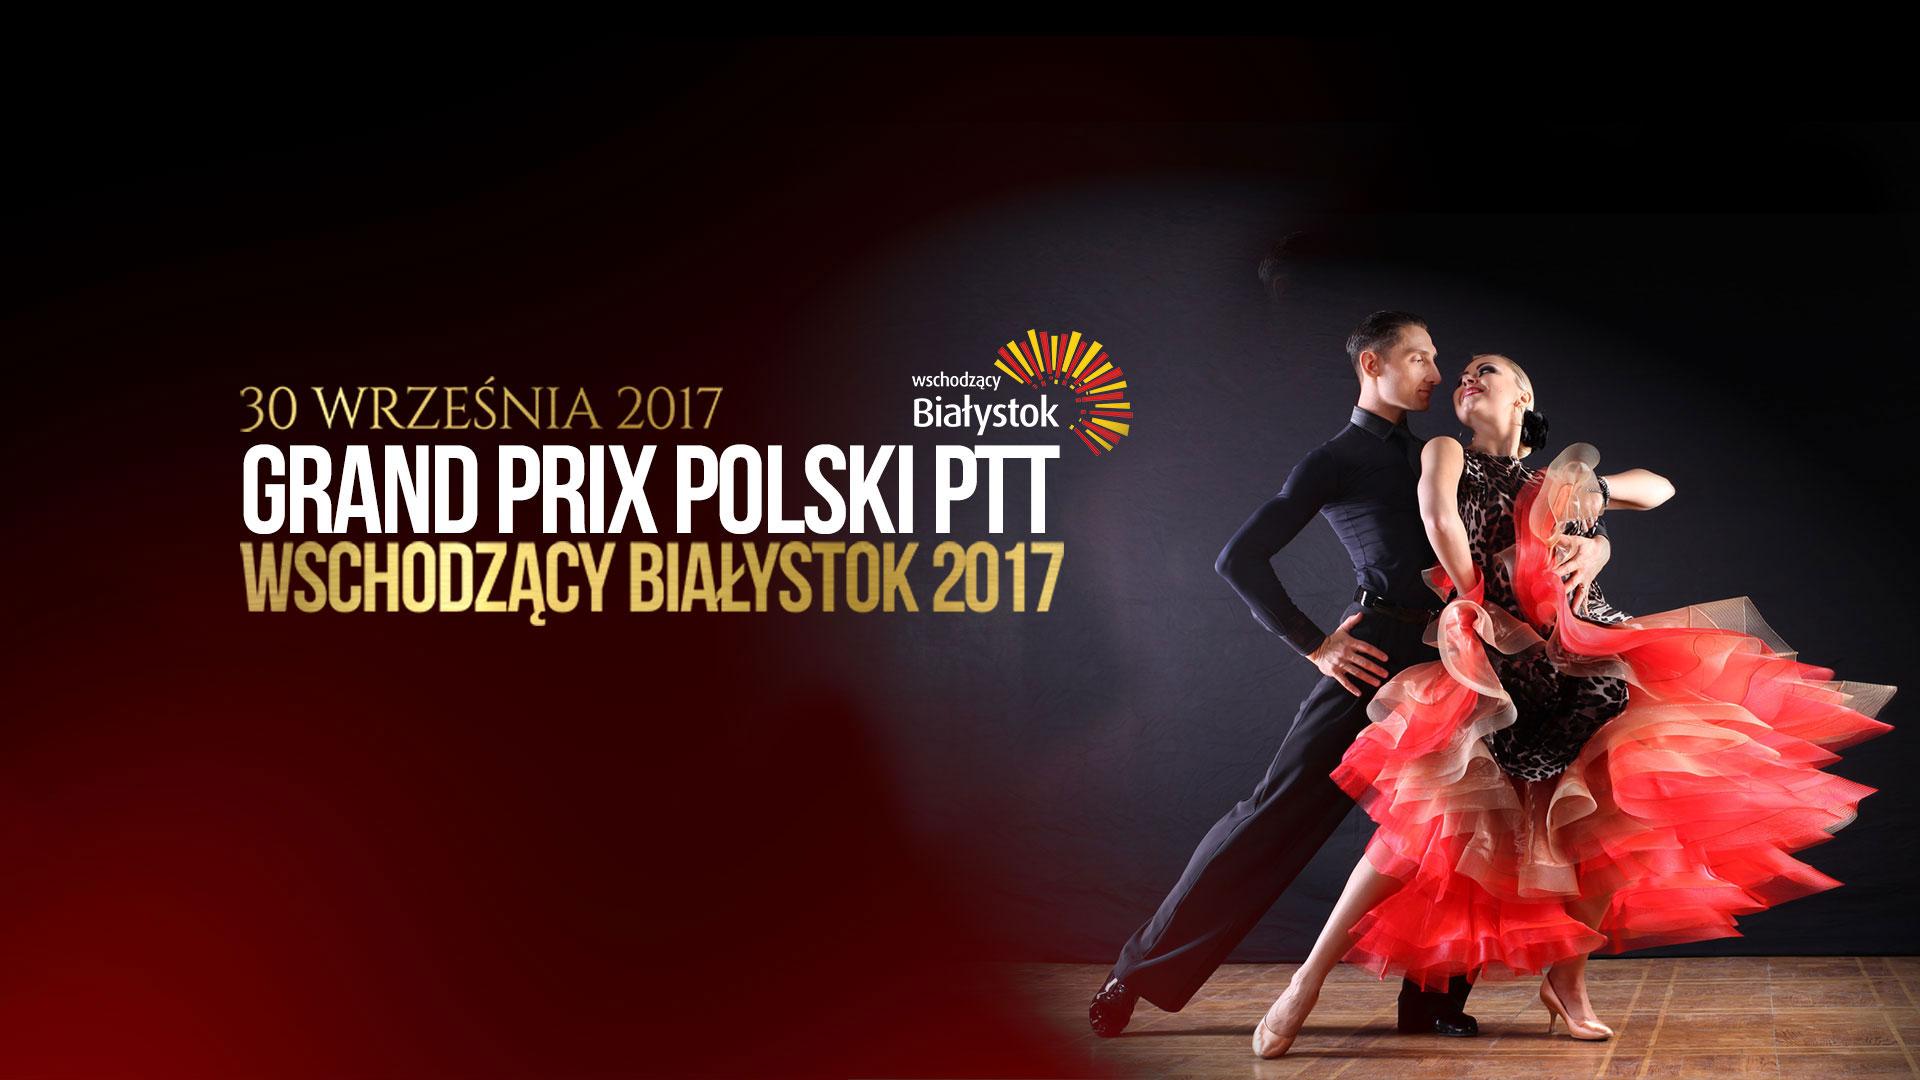 Grand Prix Polski PTT Wschodzący Białystok 2017